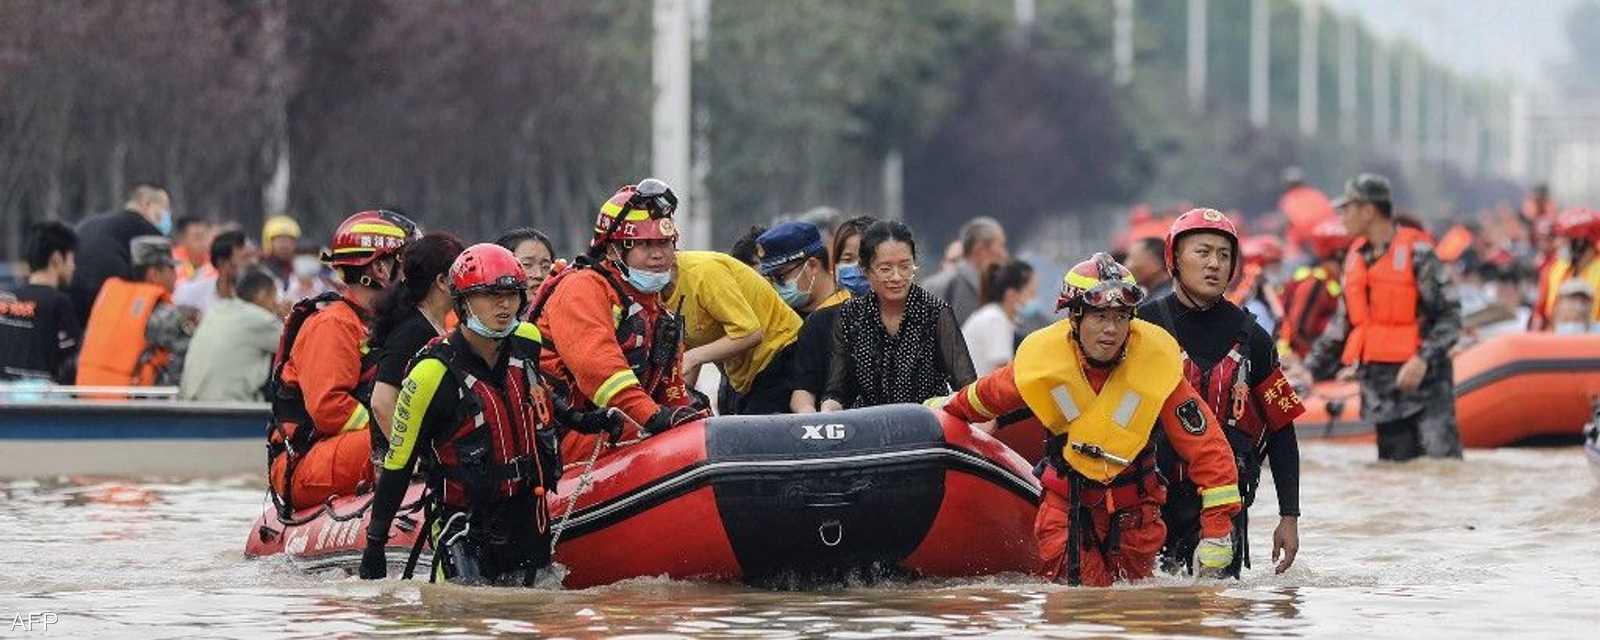 تعمل فرق الإنقاذ على مساعدة المواطنين